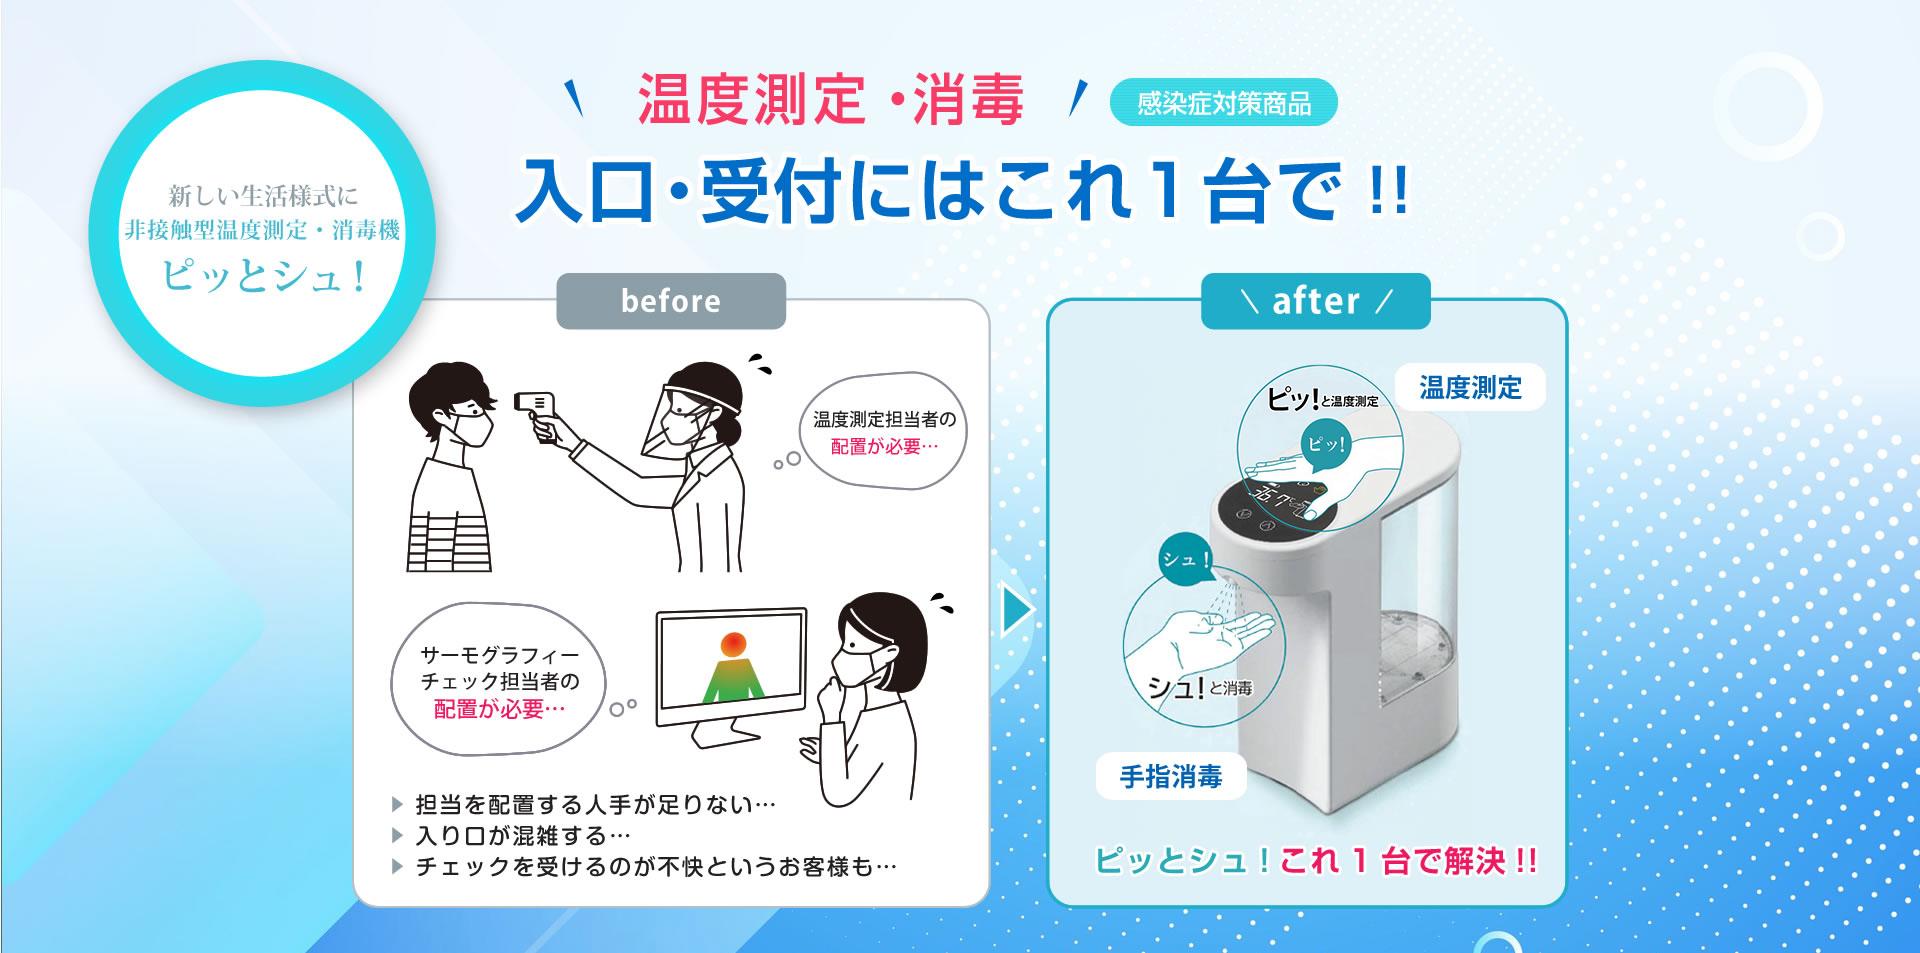 非接触型温度測定・消毒機 「ピッとシュ!」